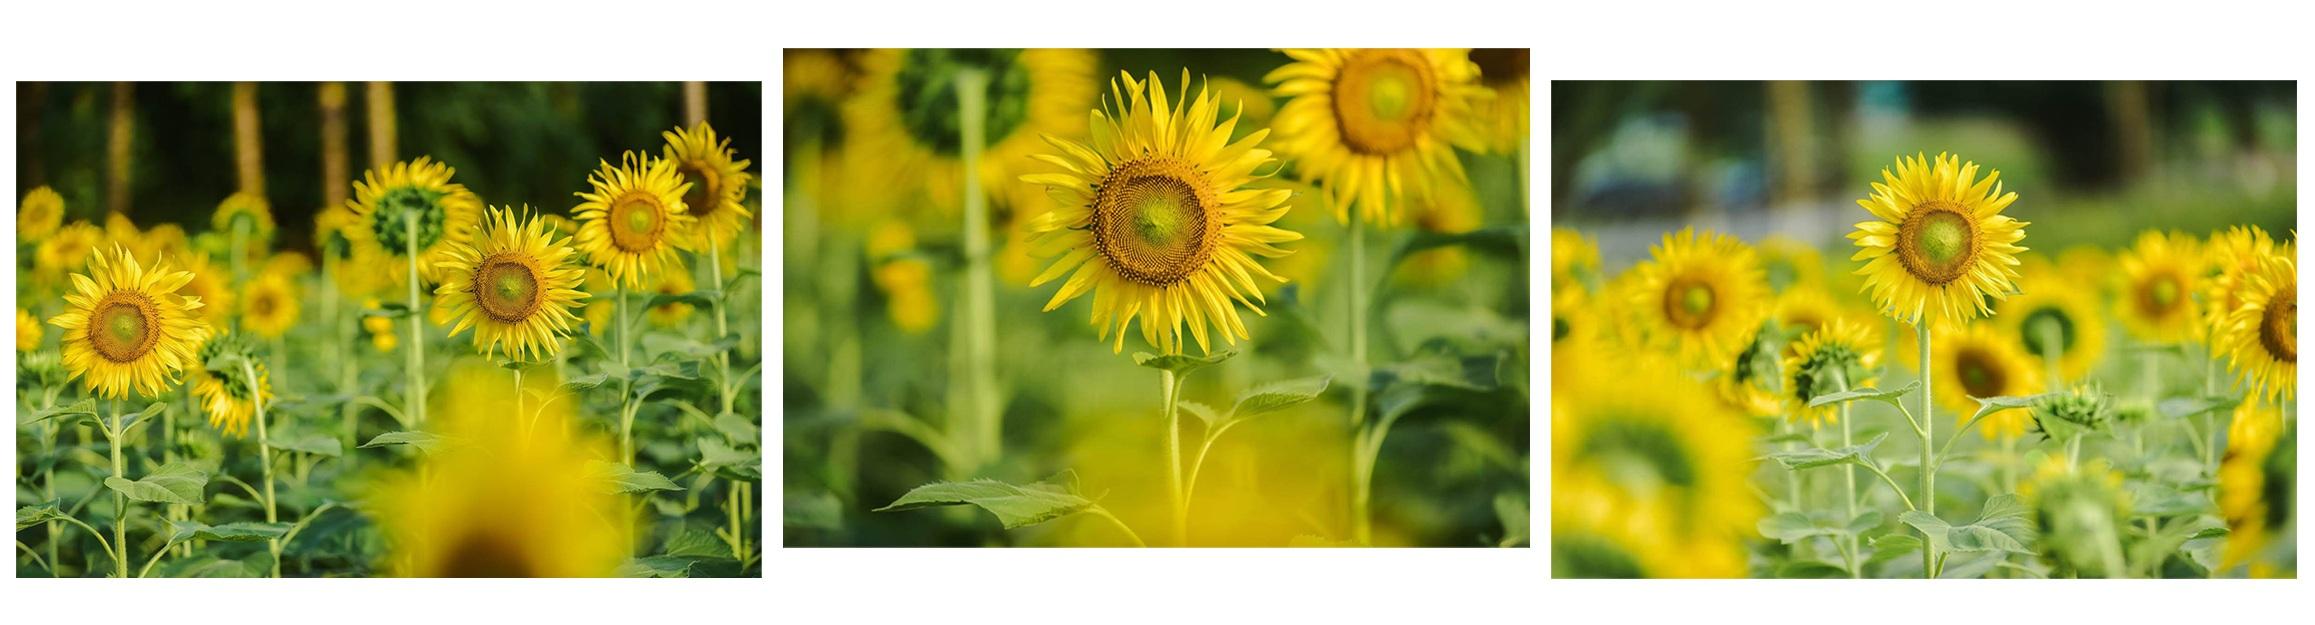 Ngắm cánh đồng hoa hướng dương rực rỡ, trải thảm vàng trong KĐT Ecopark - 12